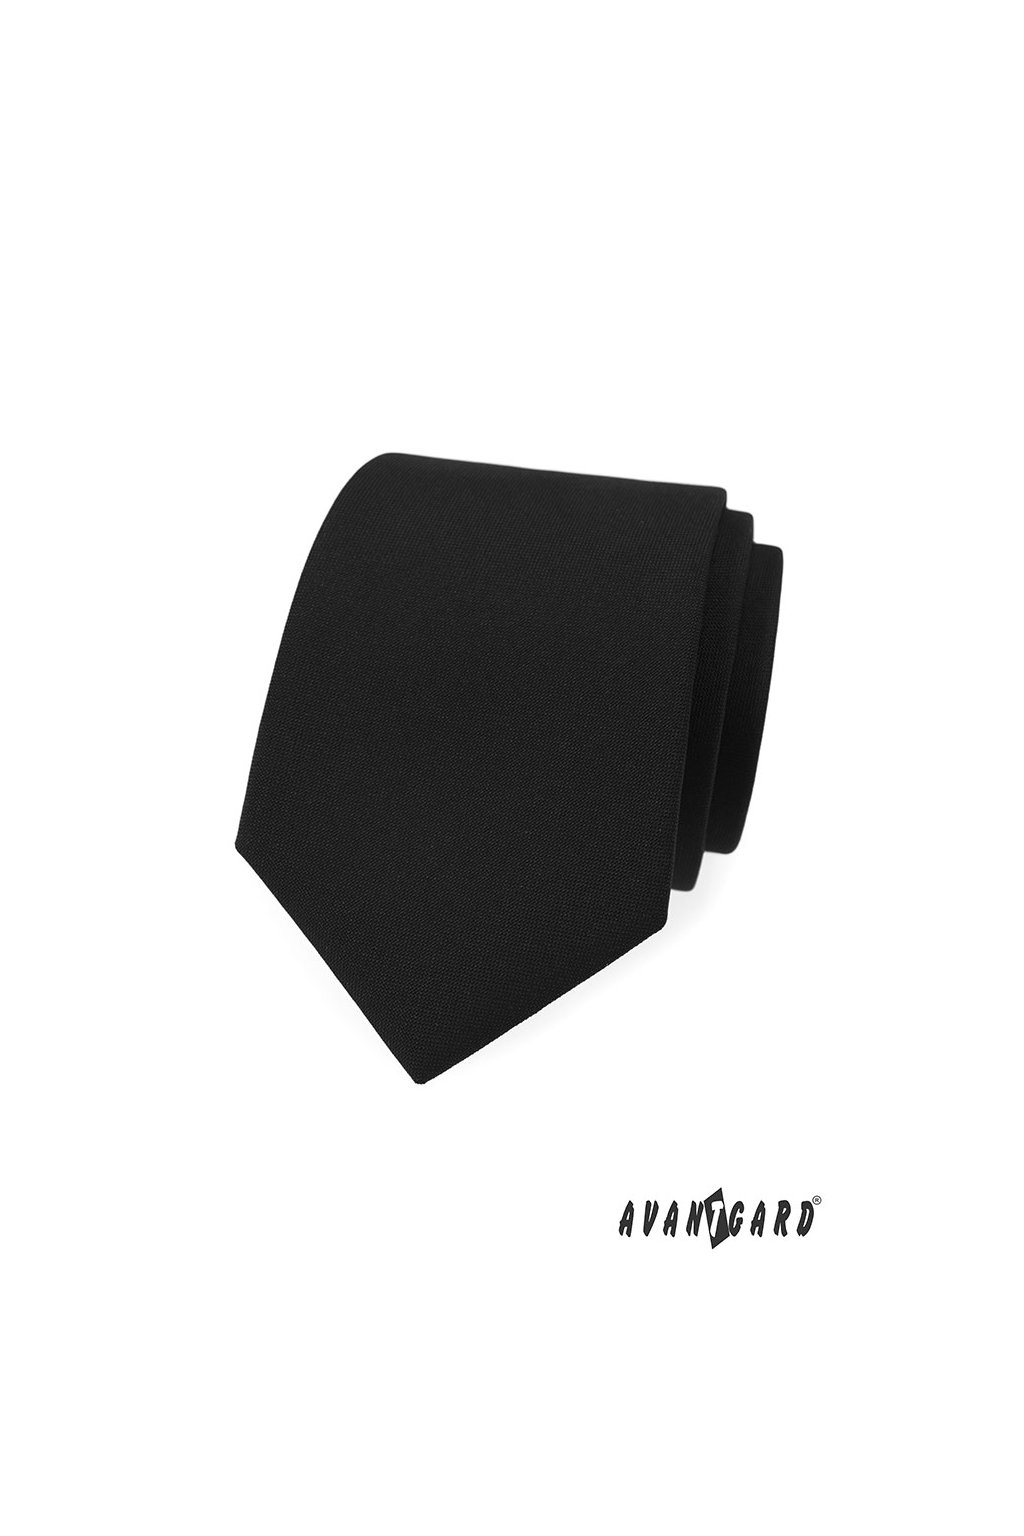 Černá luxusní kravata matná 561 - 9856